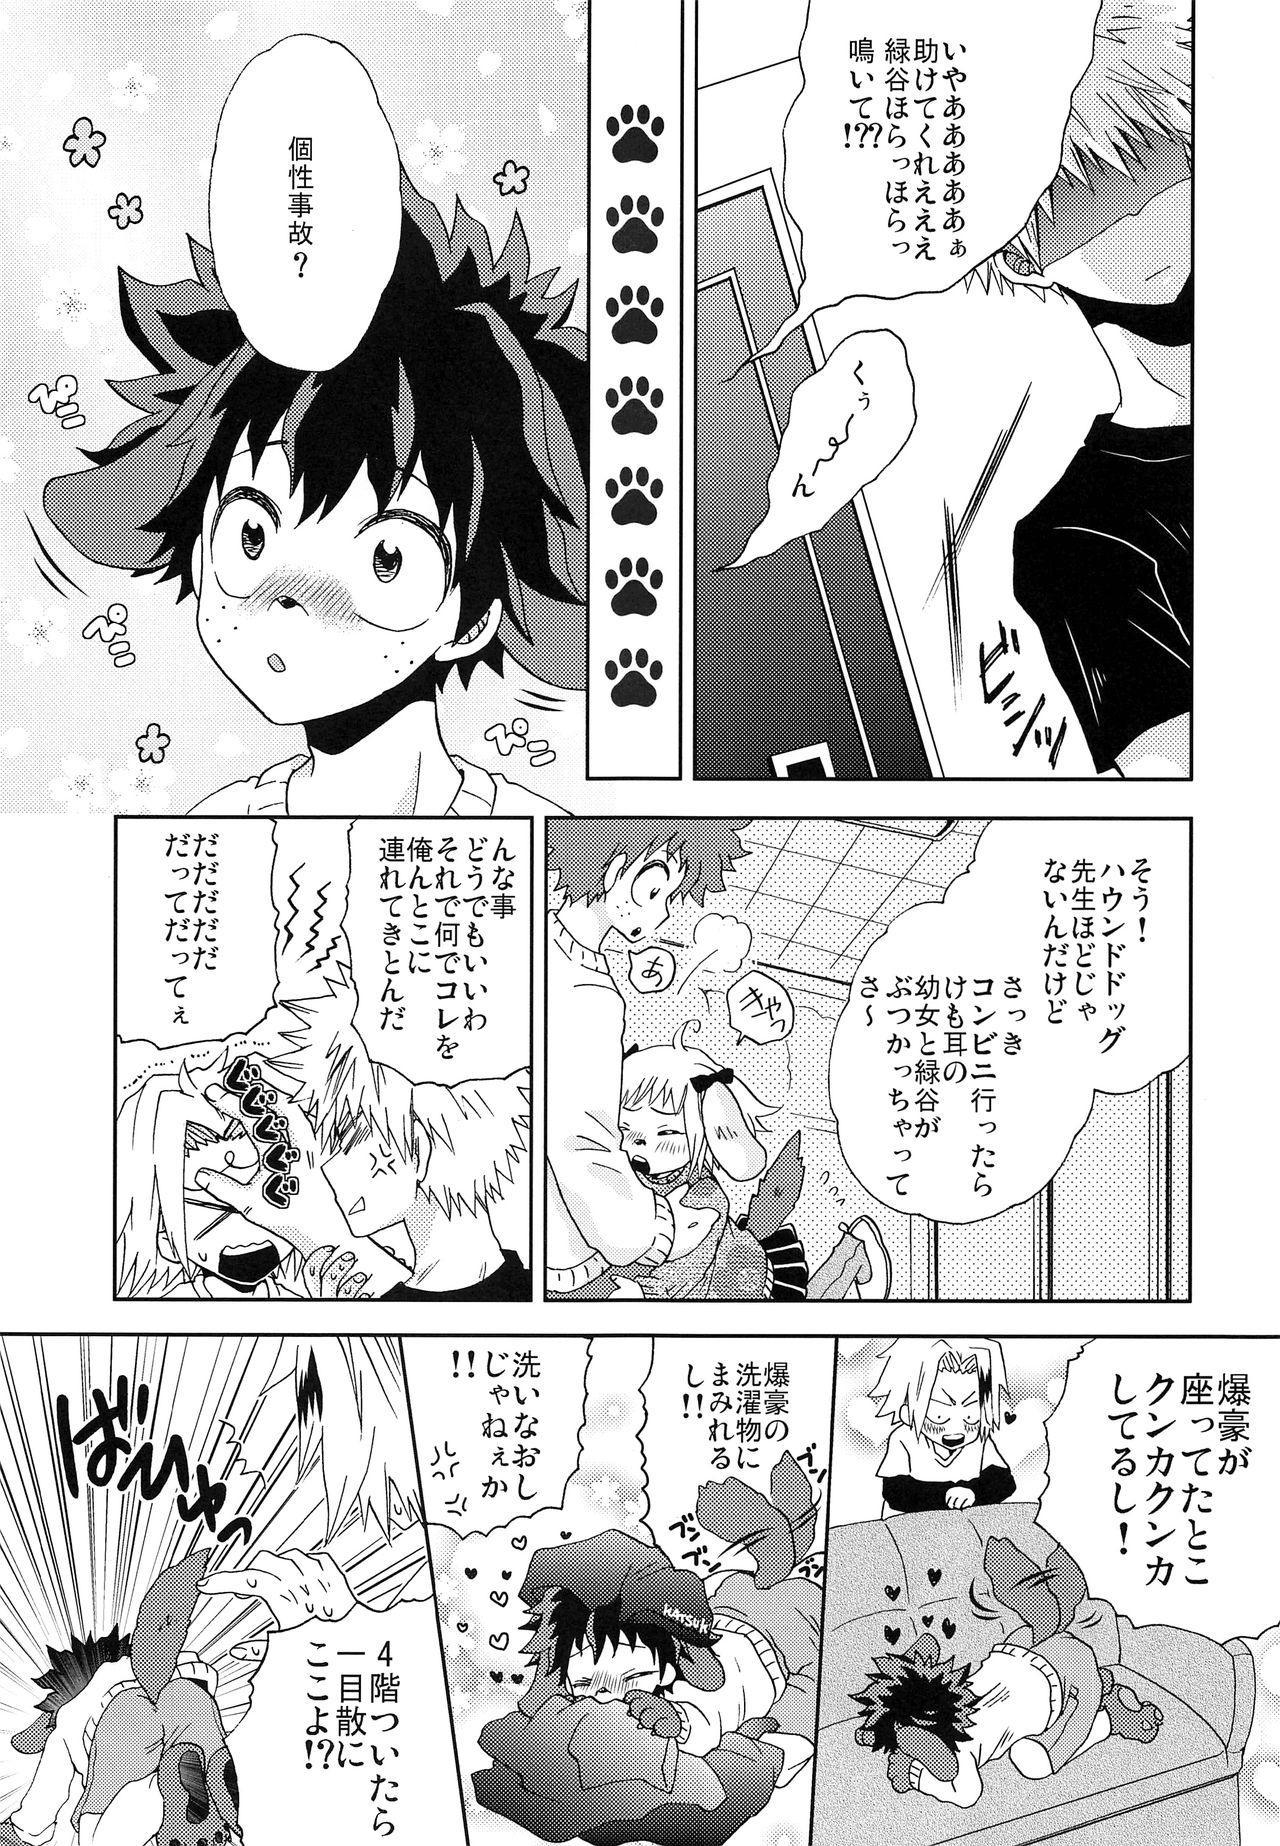 Inu no Kimochi 5